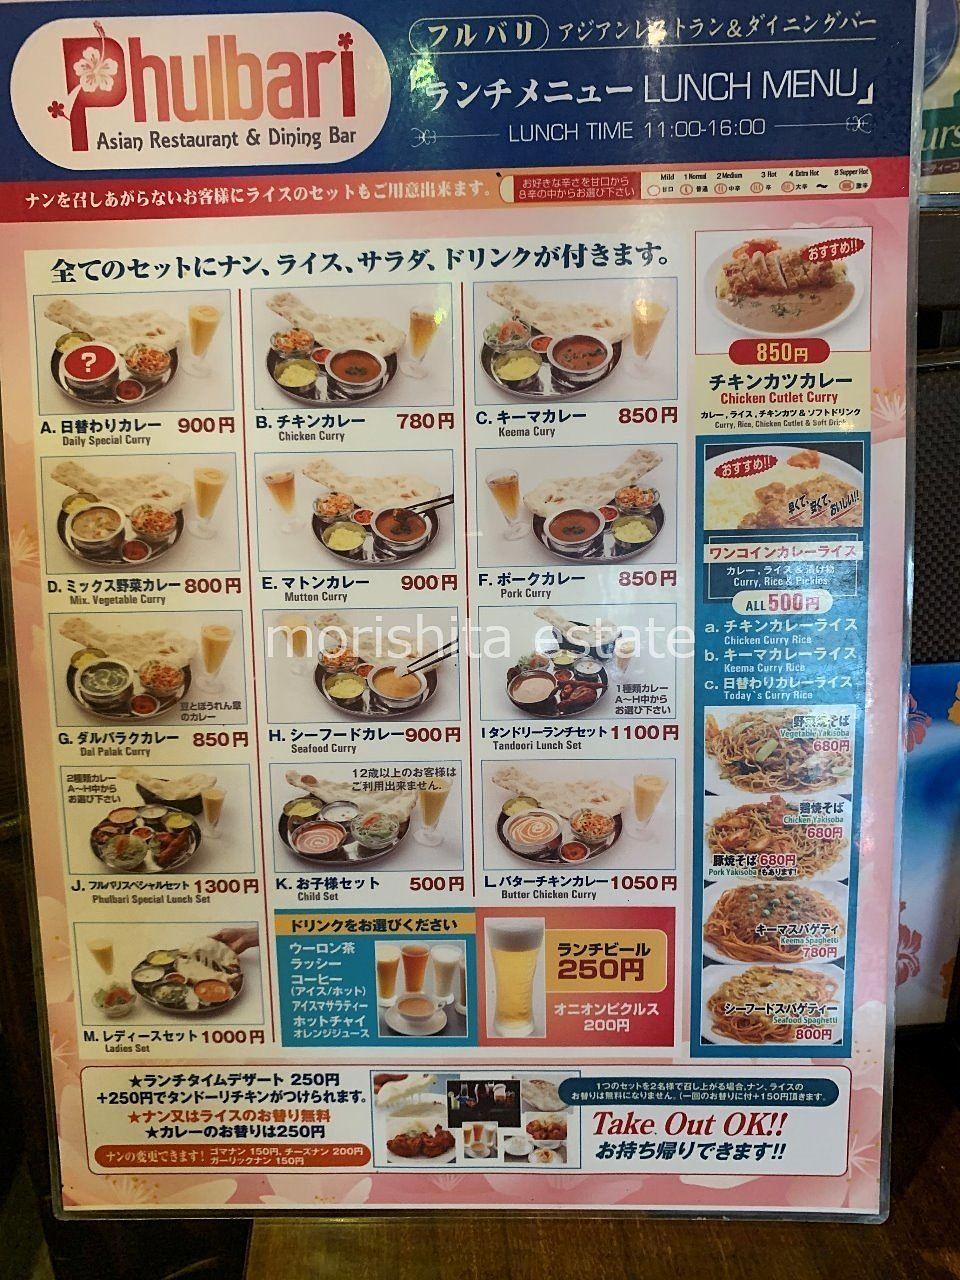 菊川 インド料理 カレー お弁当 ランチ メニュー 写真